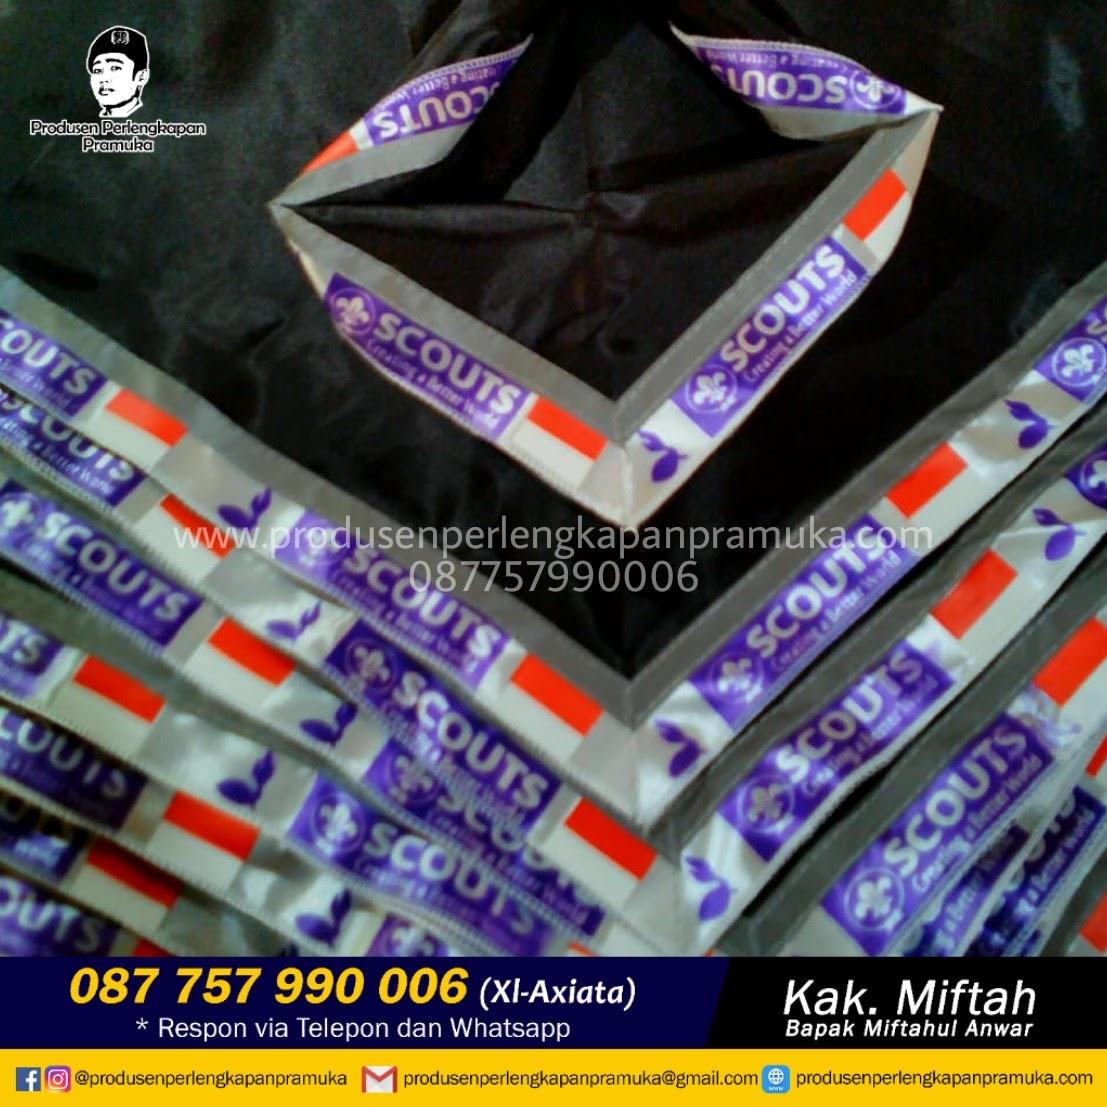 Jual Scarf Pramuka Di Semarang